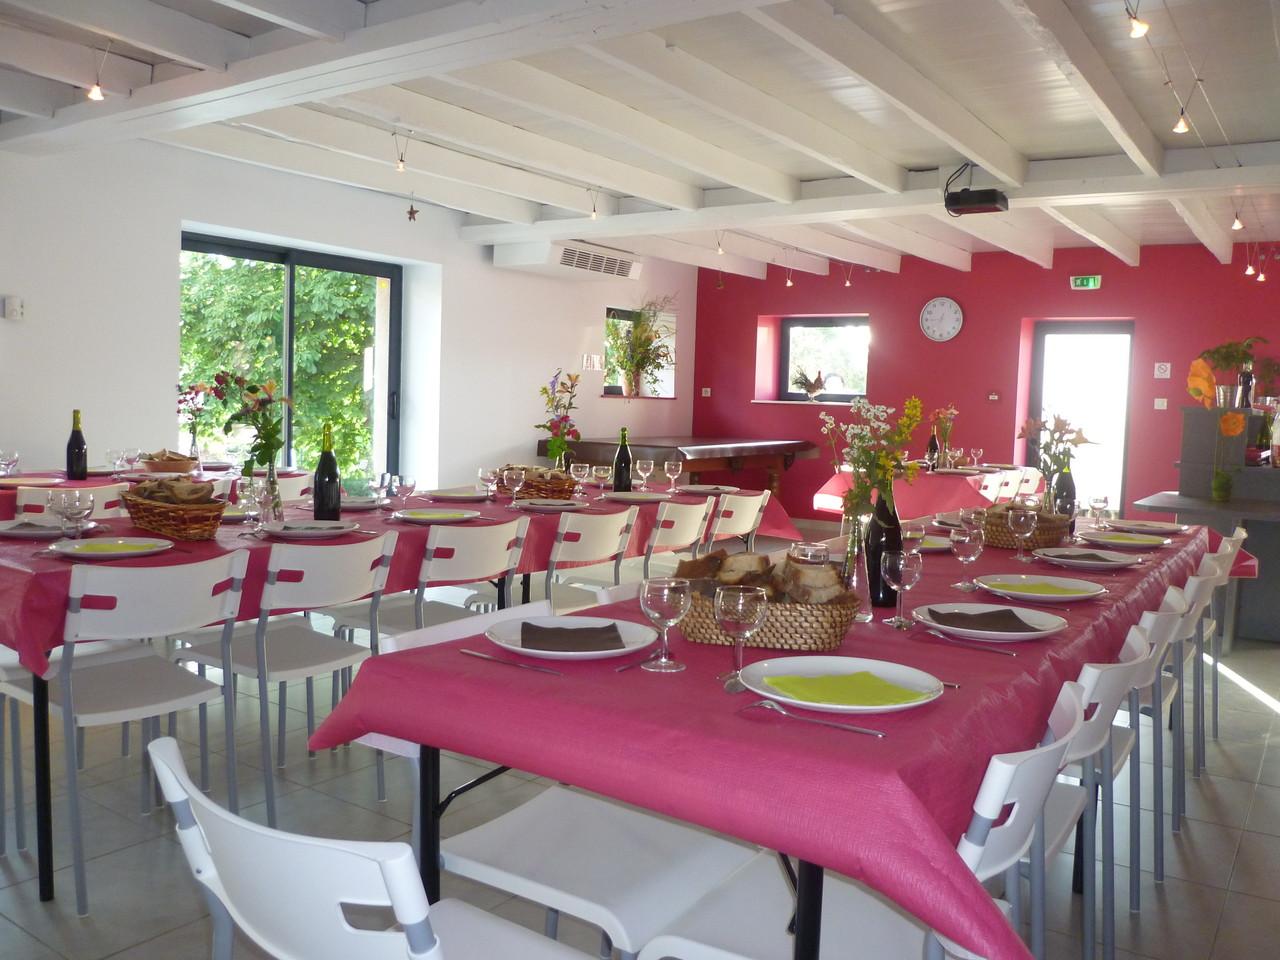 Location de salle pour repas de 50 personnes